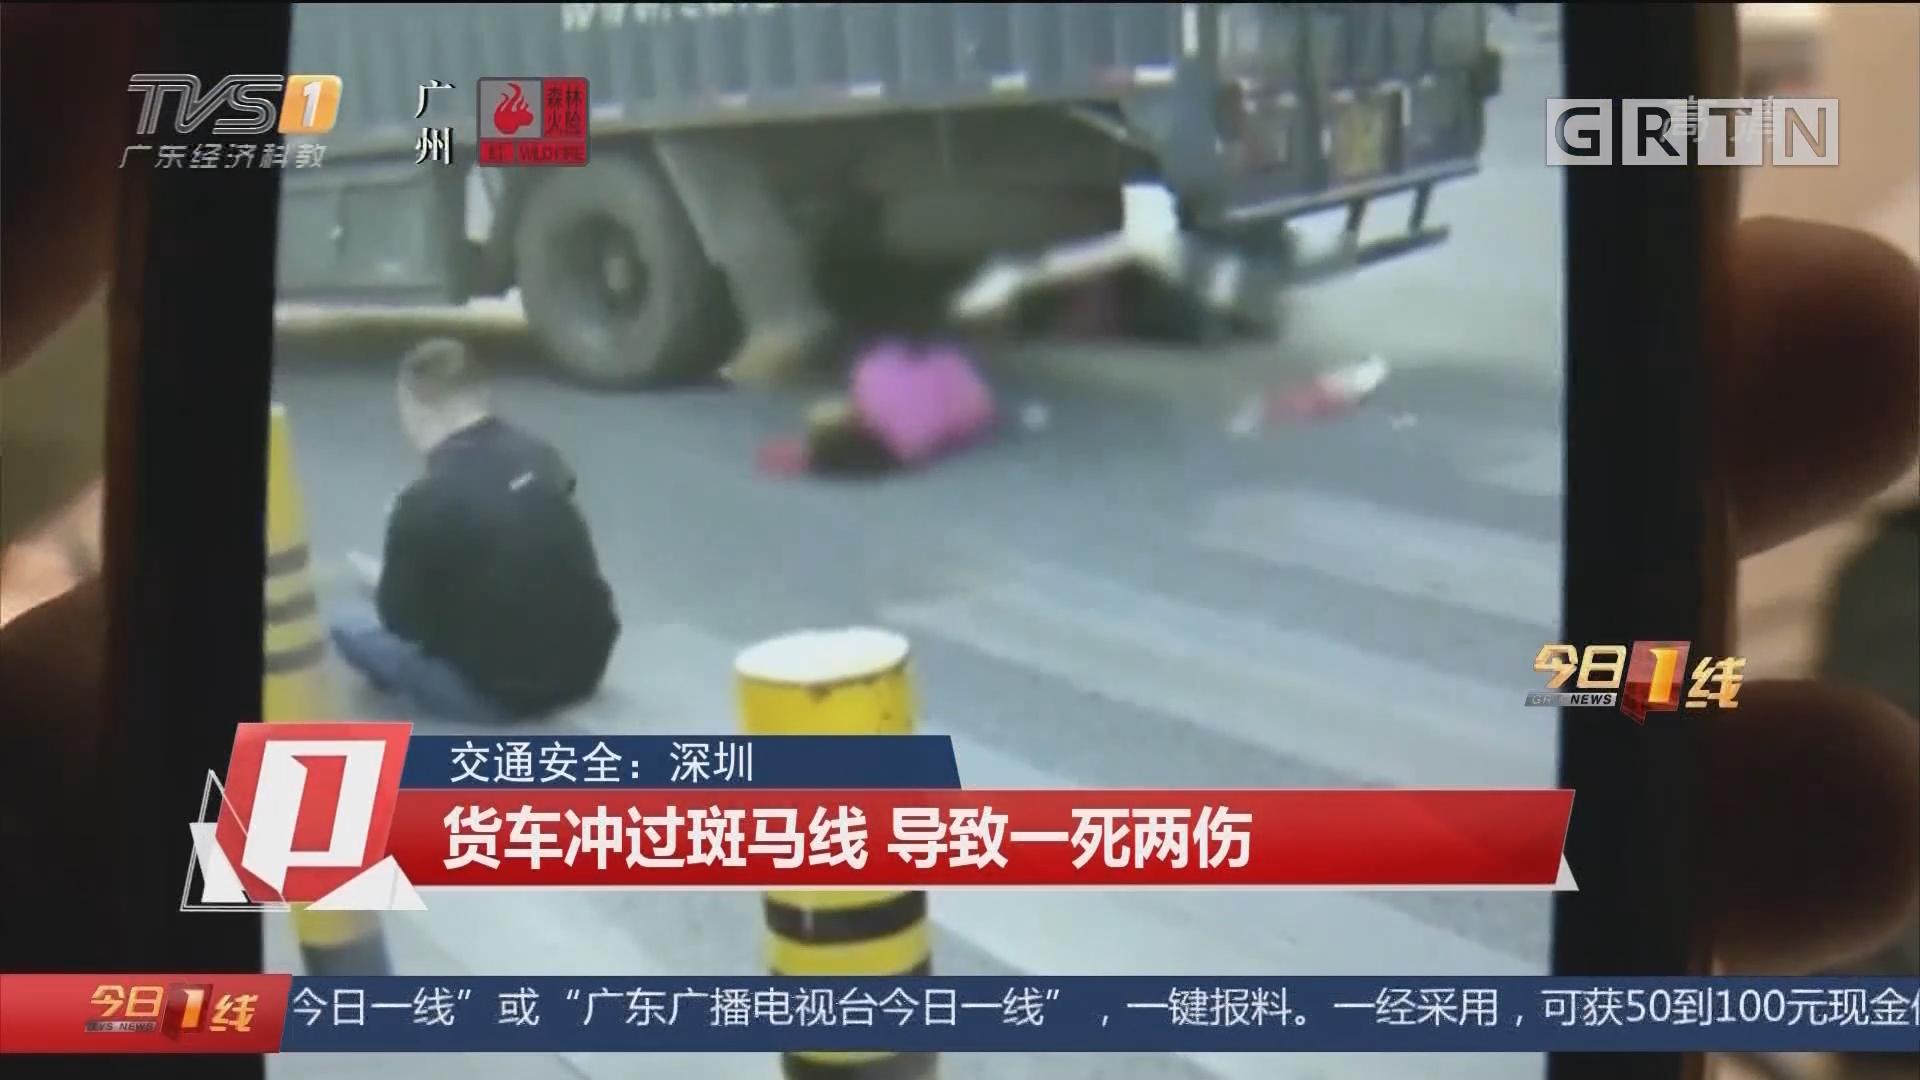 交通安全:深圳 货车冲过斑马线 导致一死两伤